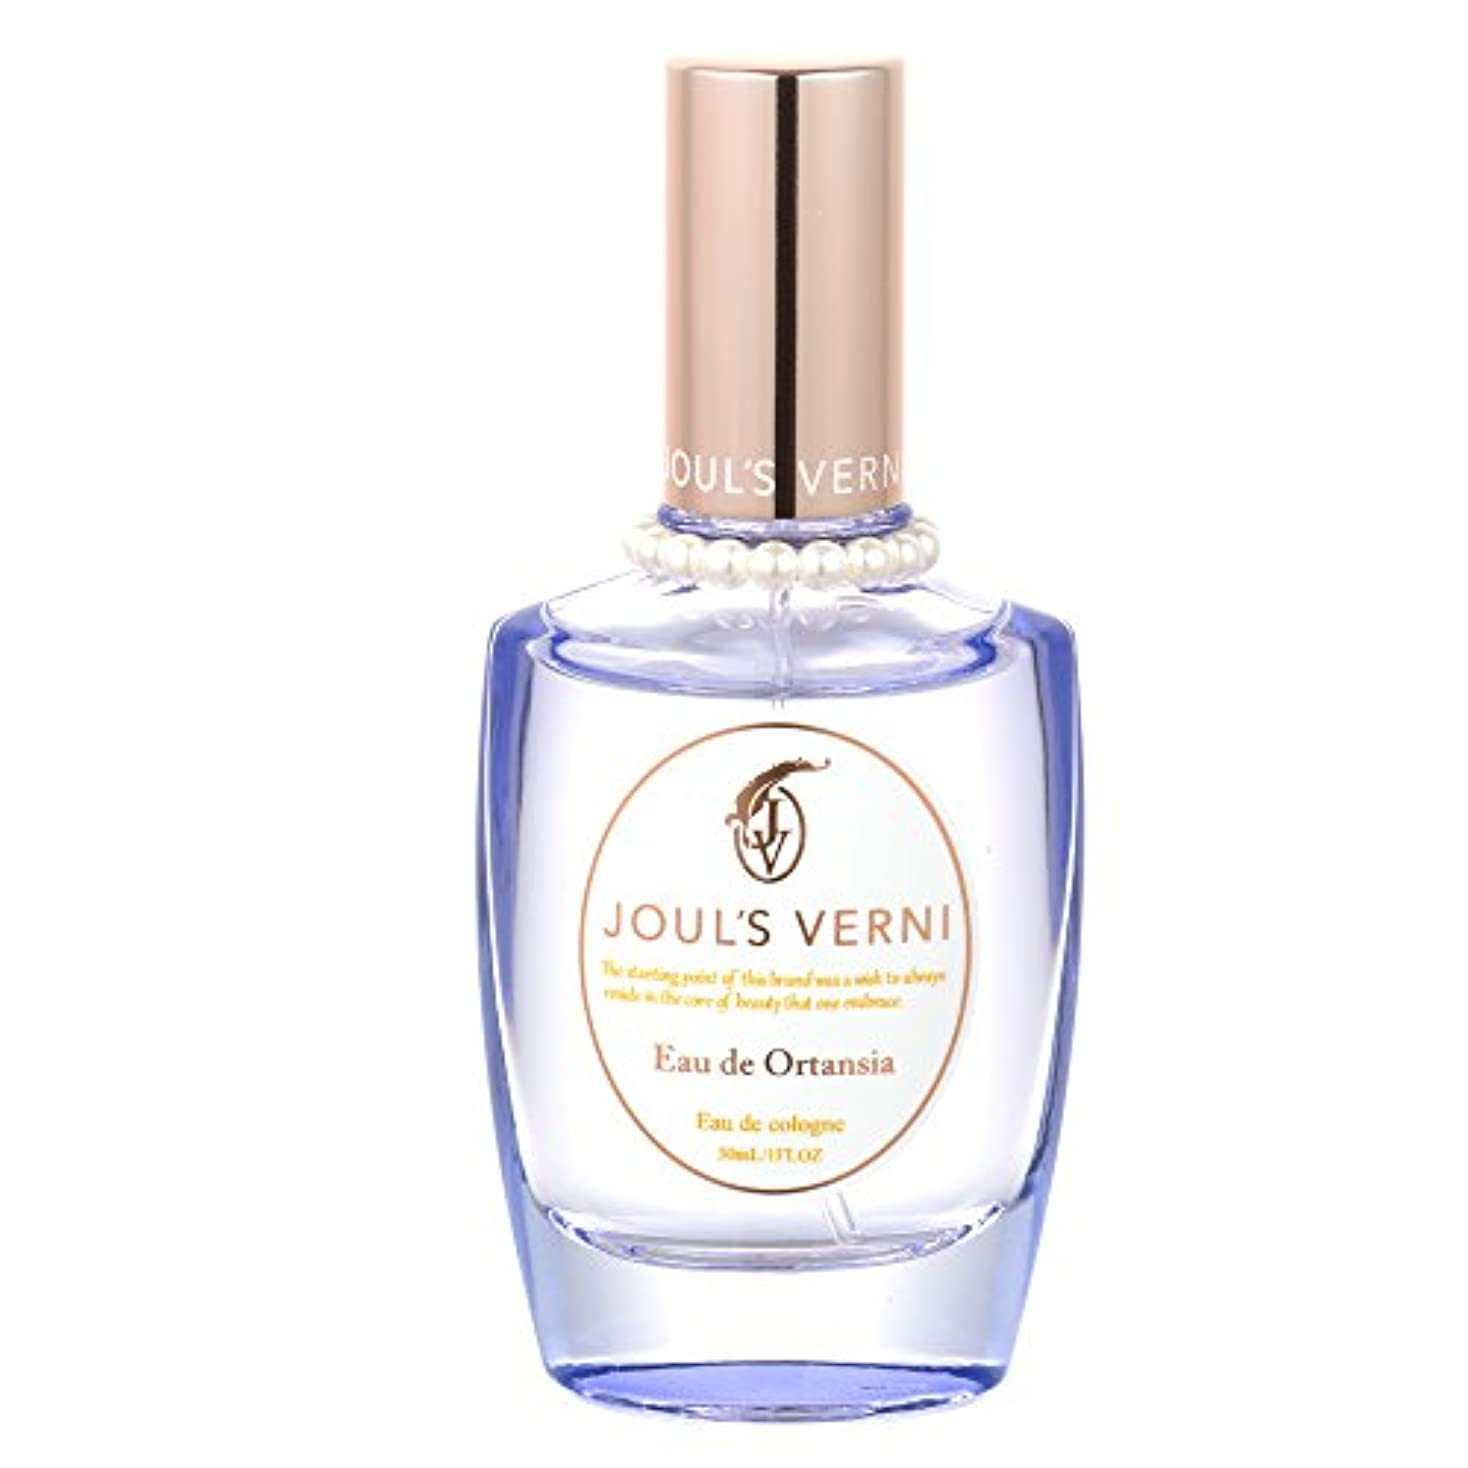 インペリアルカップ法的ジュール ベルニ フレグランスミスト (オーデコロン) (オーデ オルタンシアの香り) 30ml